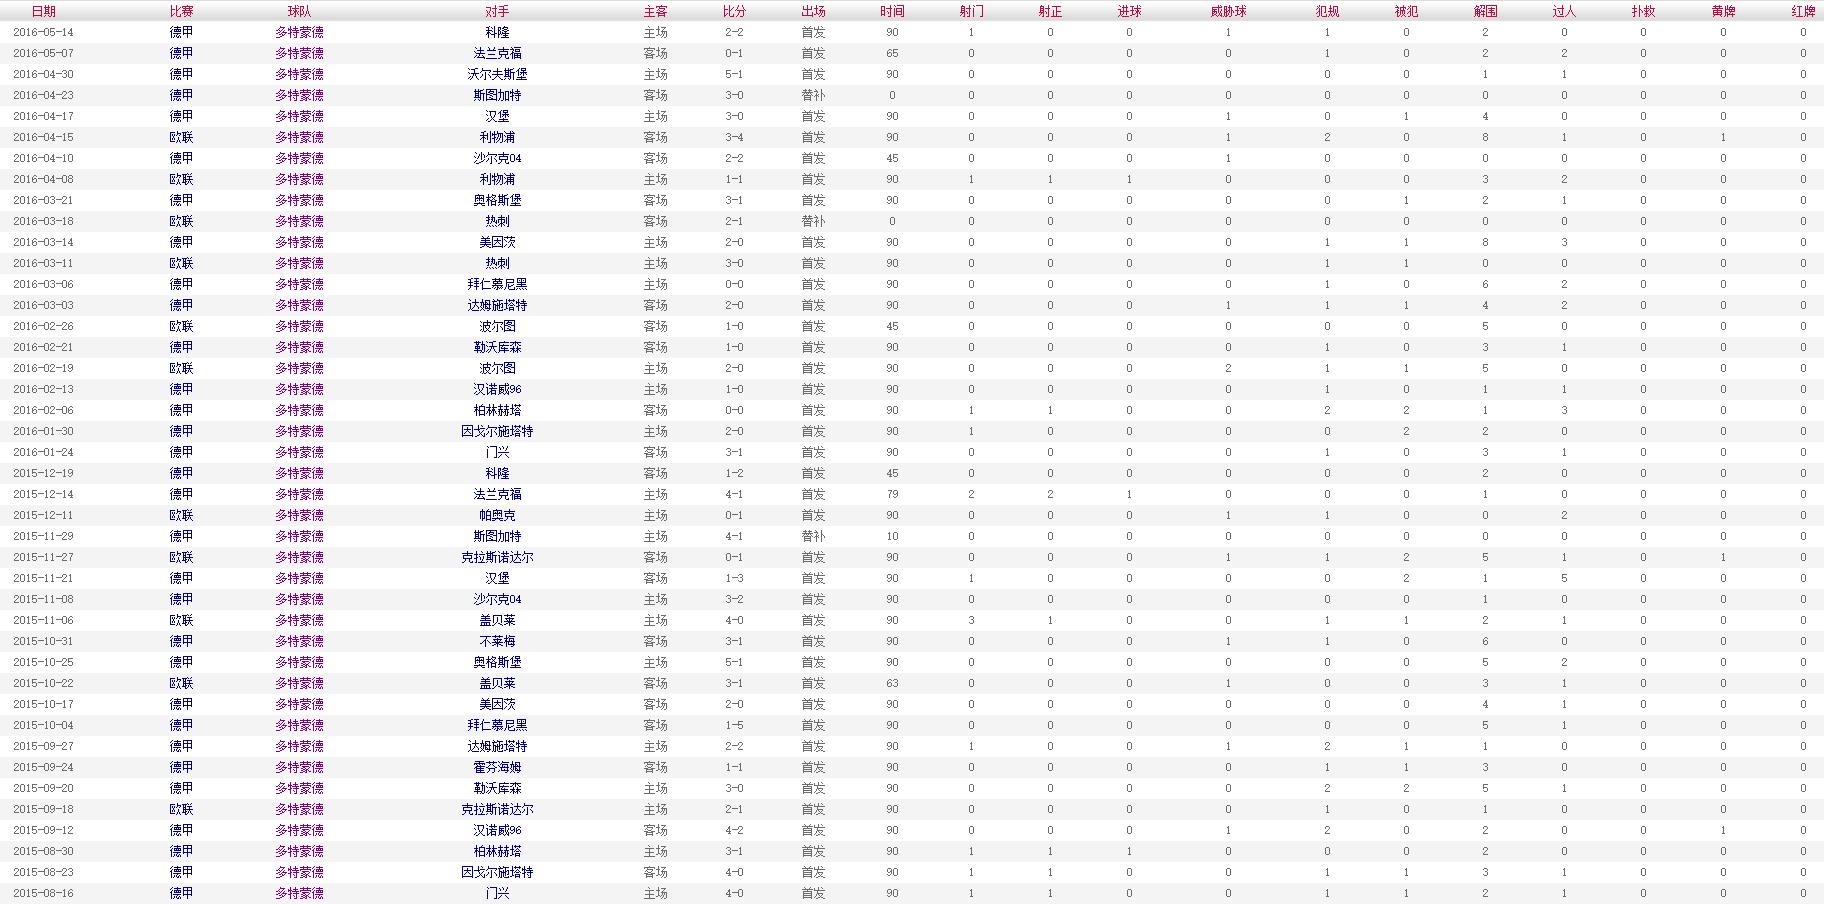 胡梅尔斯 2015-2016赛季比赛数据